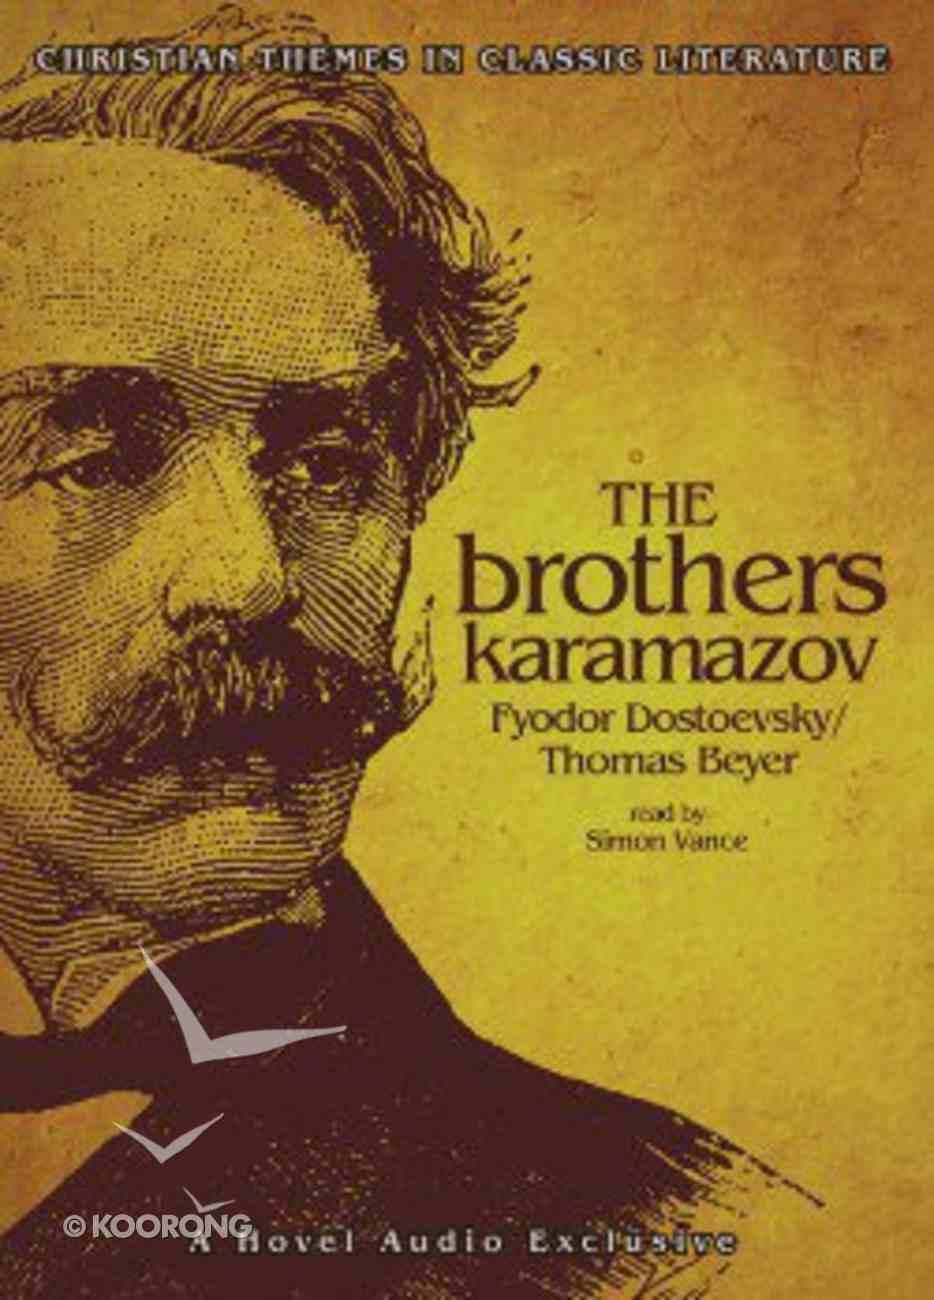 The Brothers Karamazov (Mp3) CD